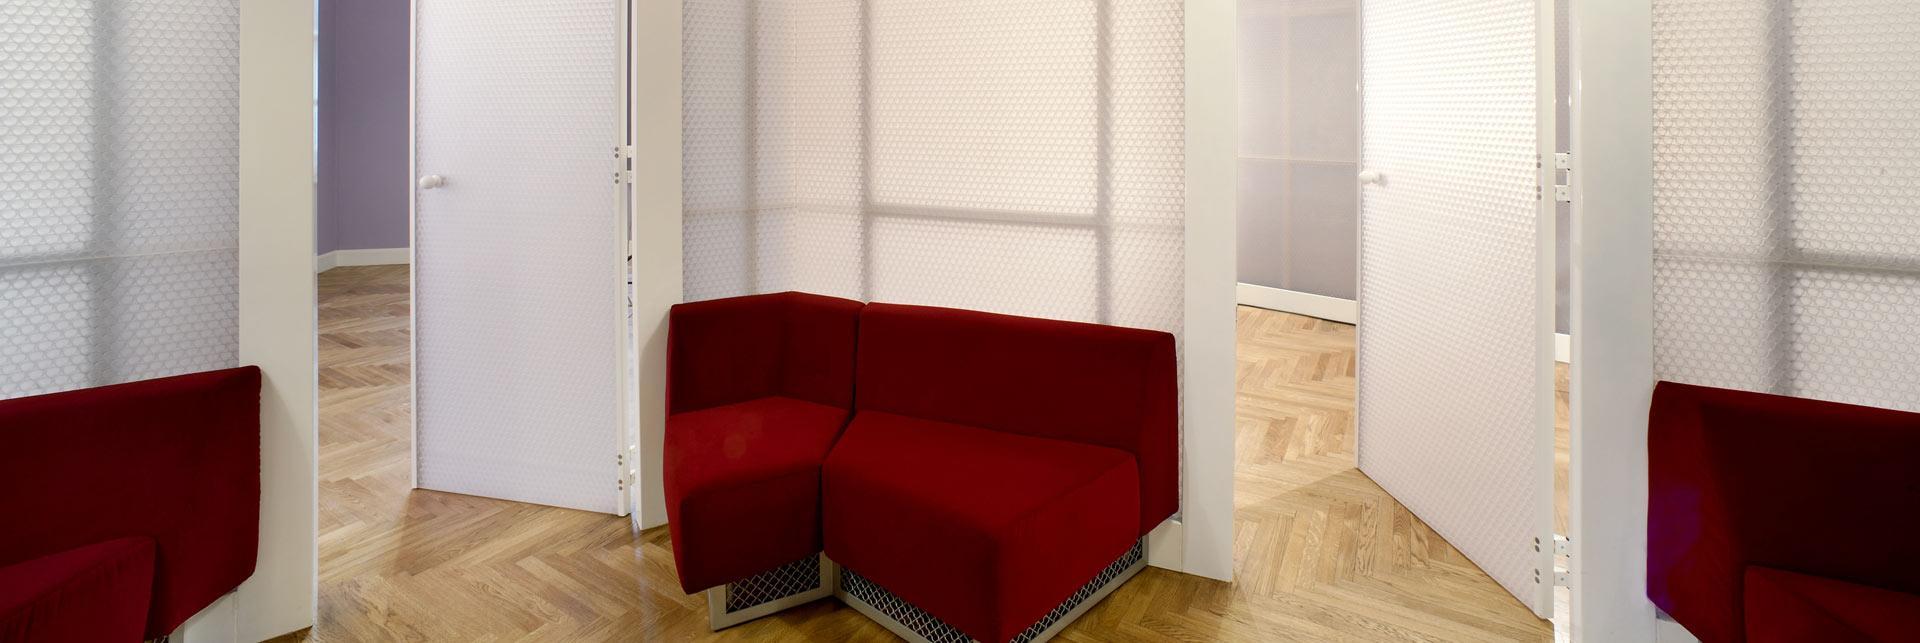 פריויקט עיצוב חלל משרדי עם מחיצות דקורטיביות